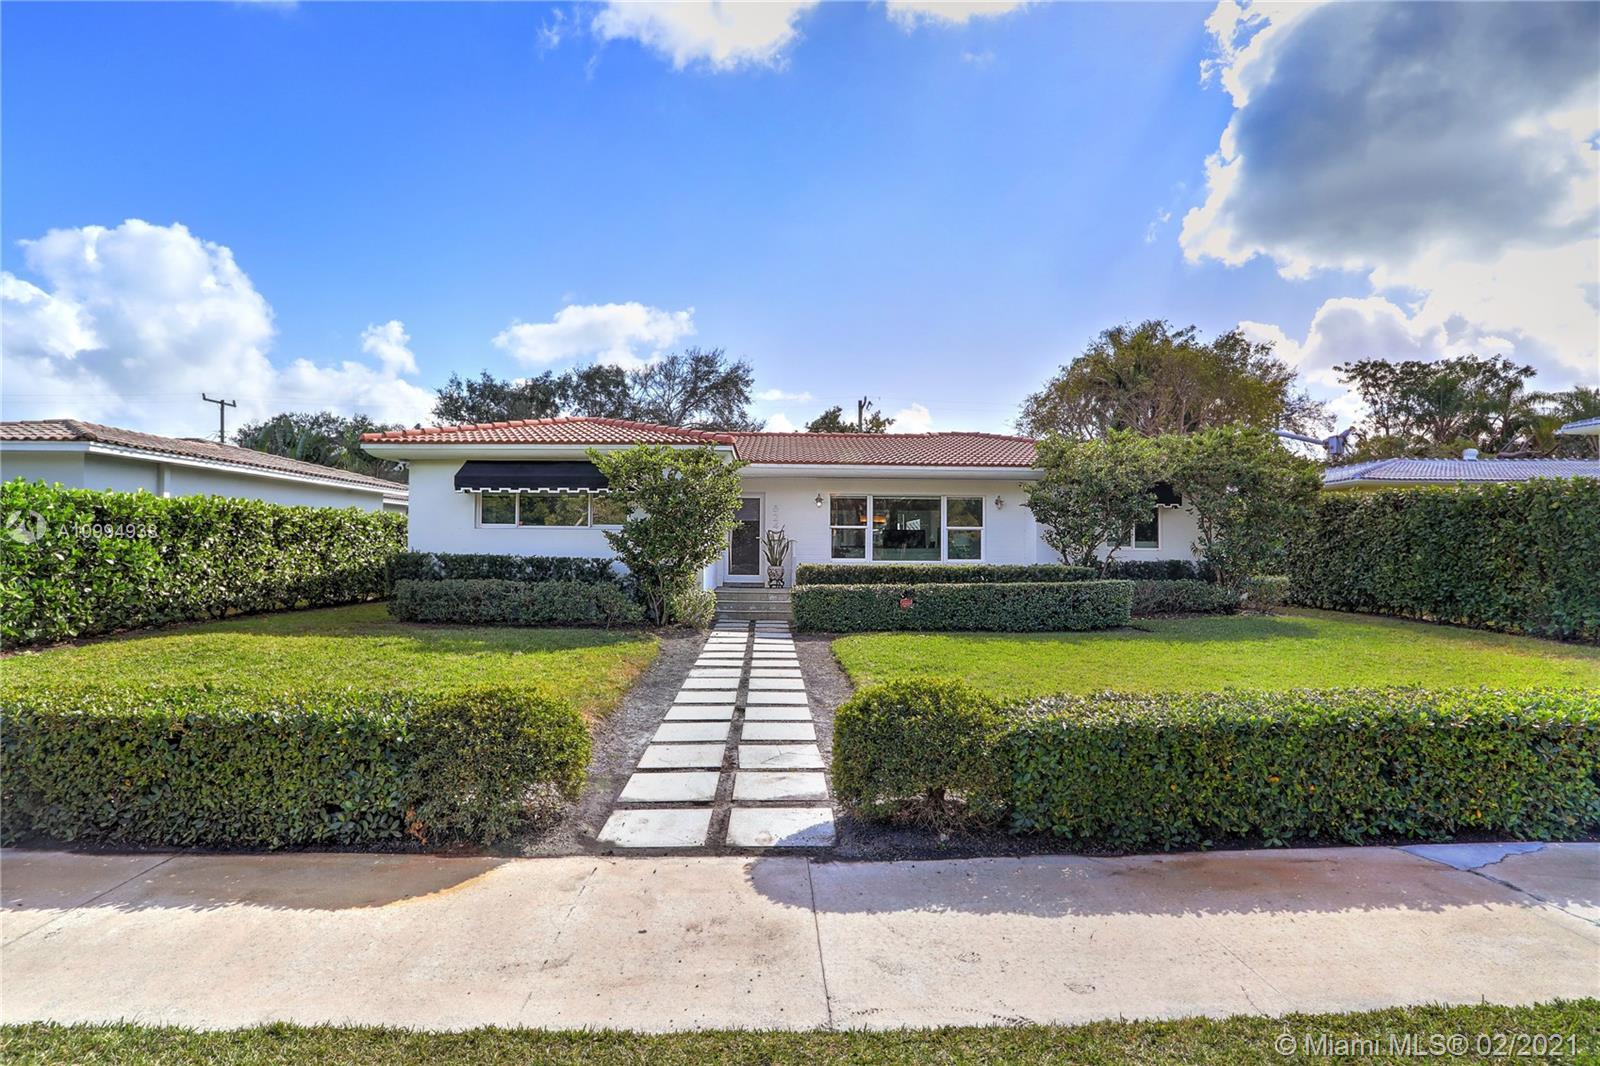 Miami Shores - 824 NE 100 St, Miami Shores, FL 33138